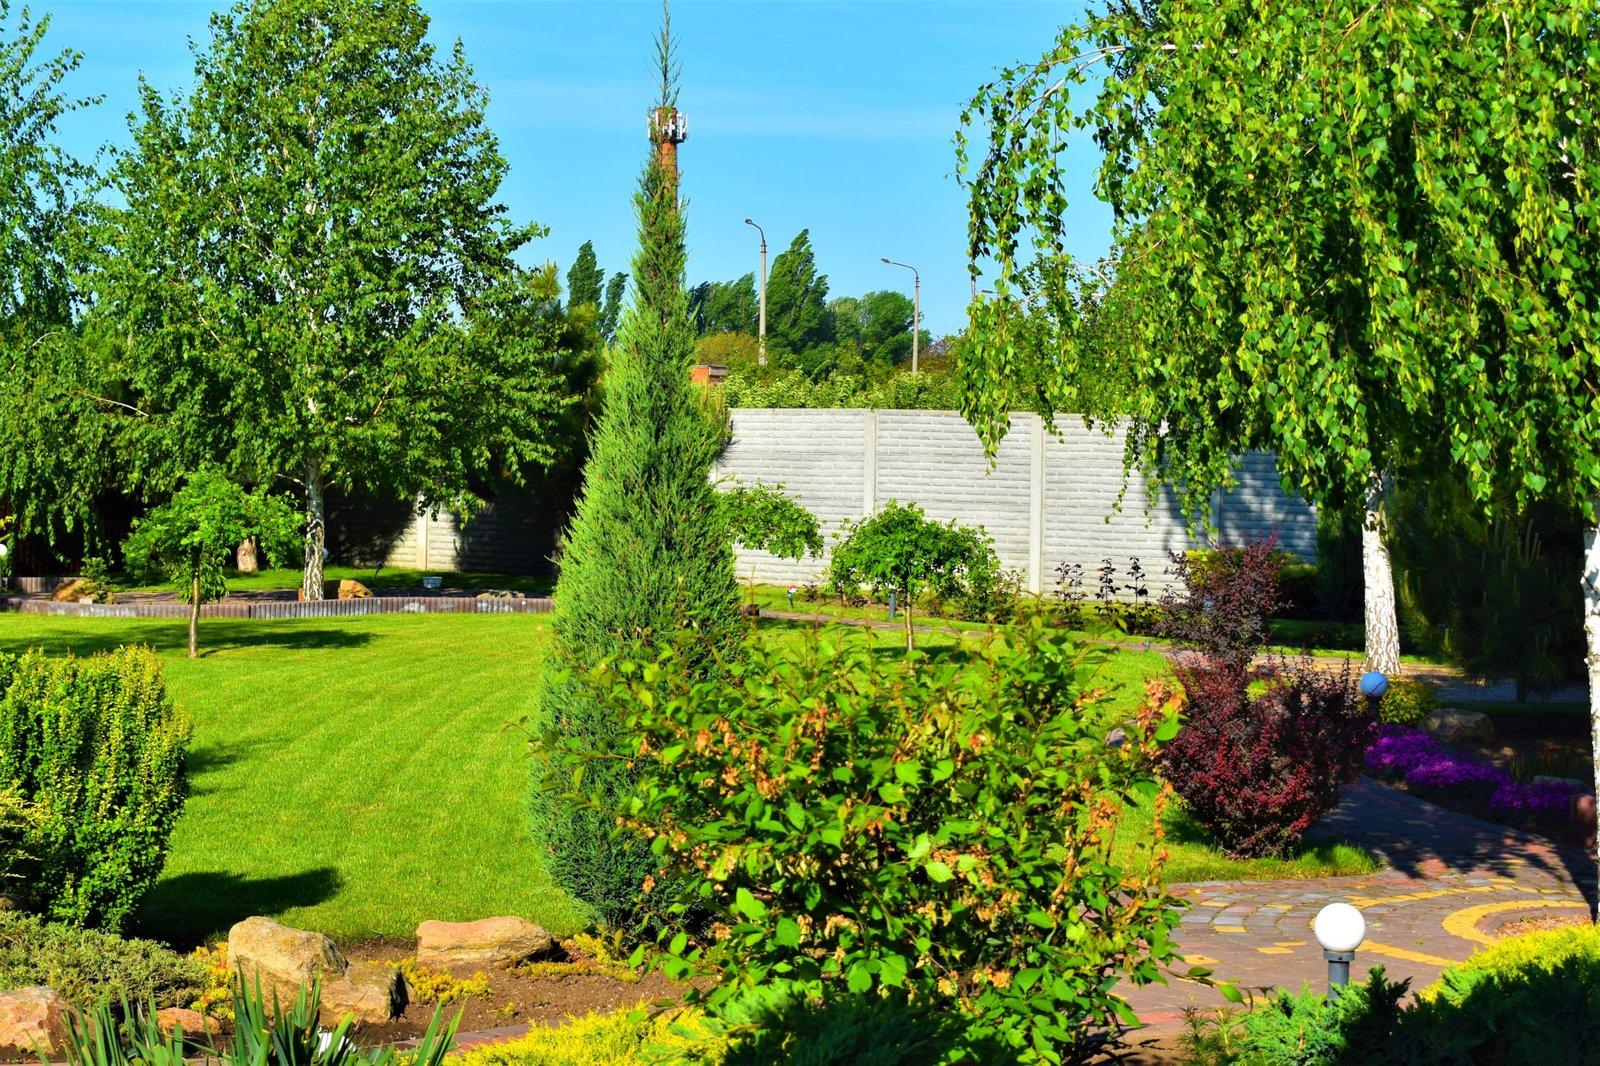 сад огород дизайн Киев, ландшафтный дизайн для дачи Киев, киевская форма по ландшафтному дизайну